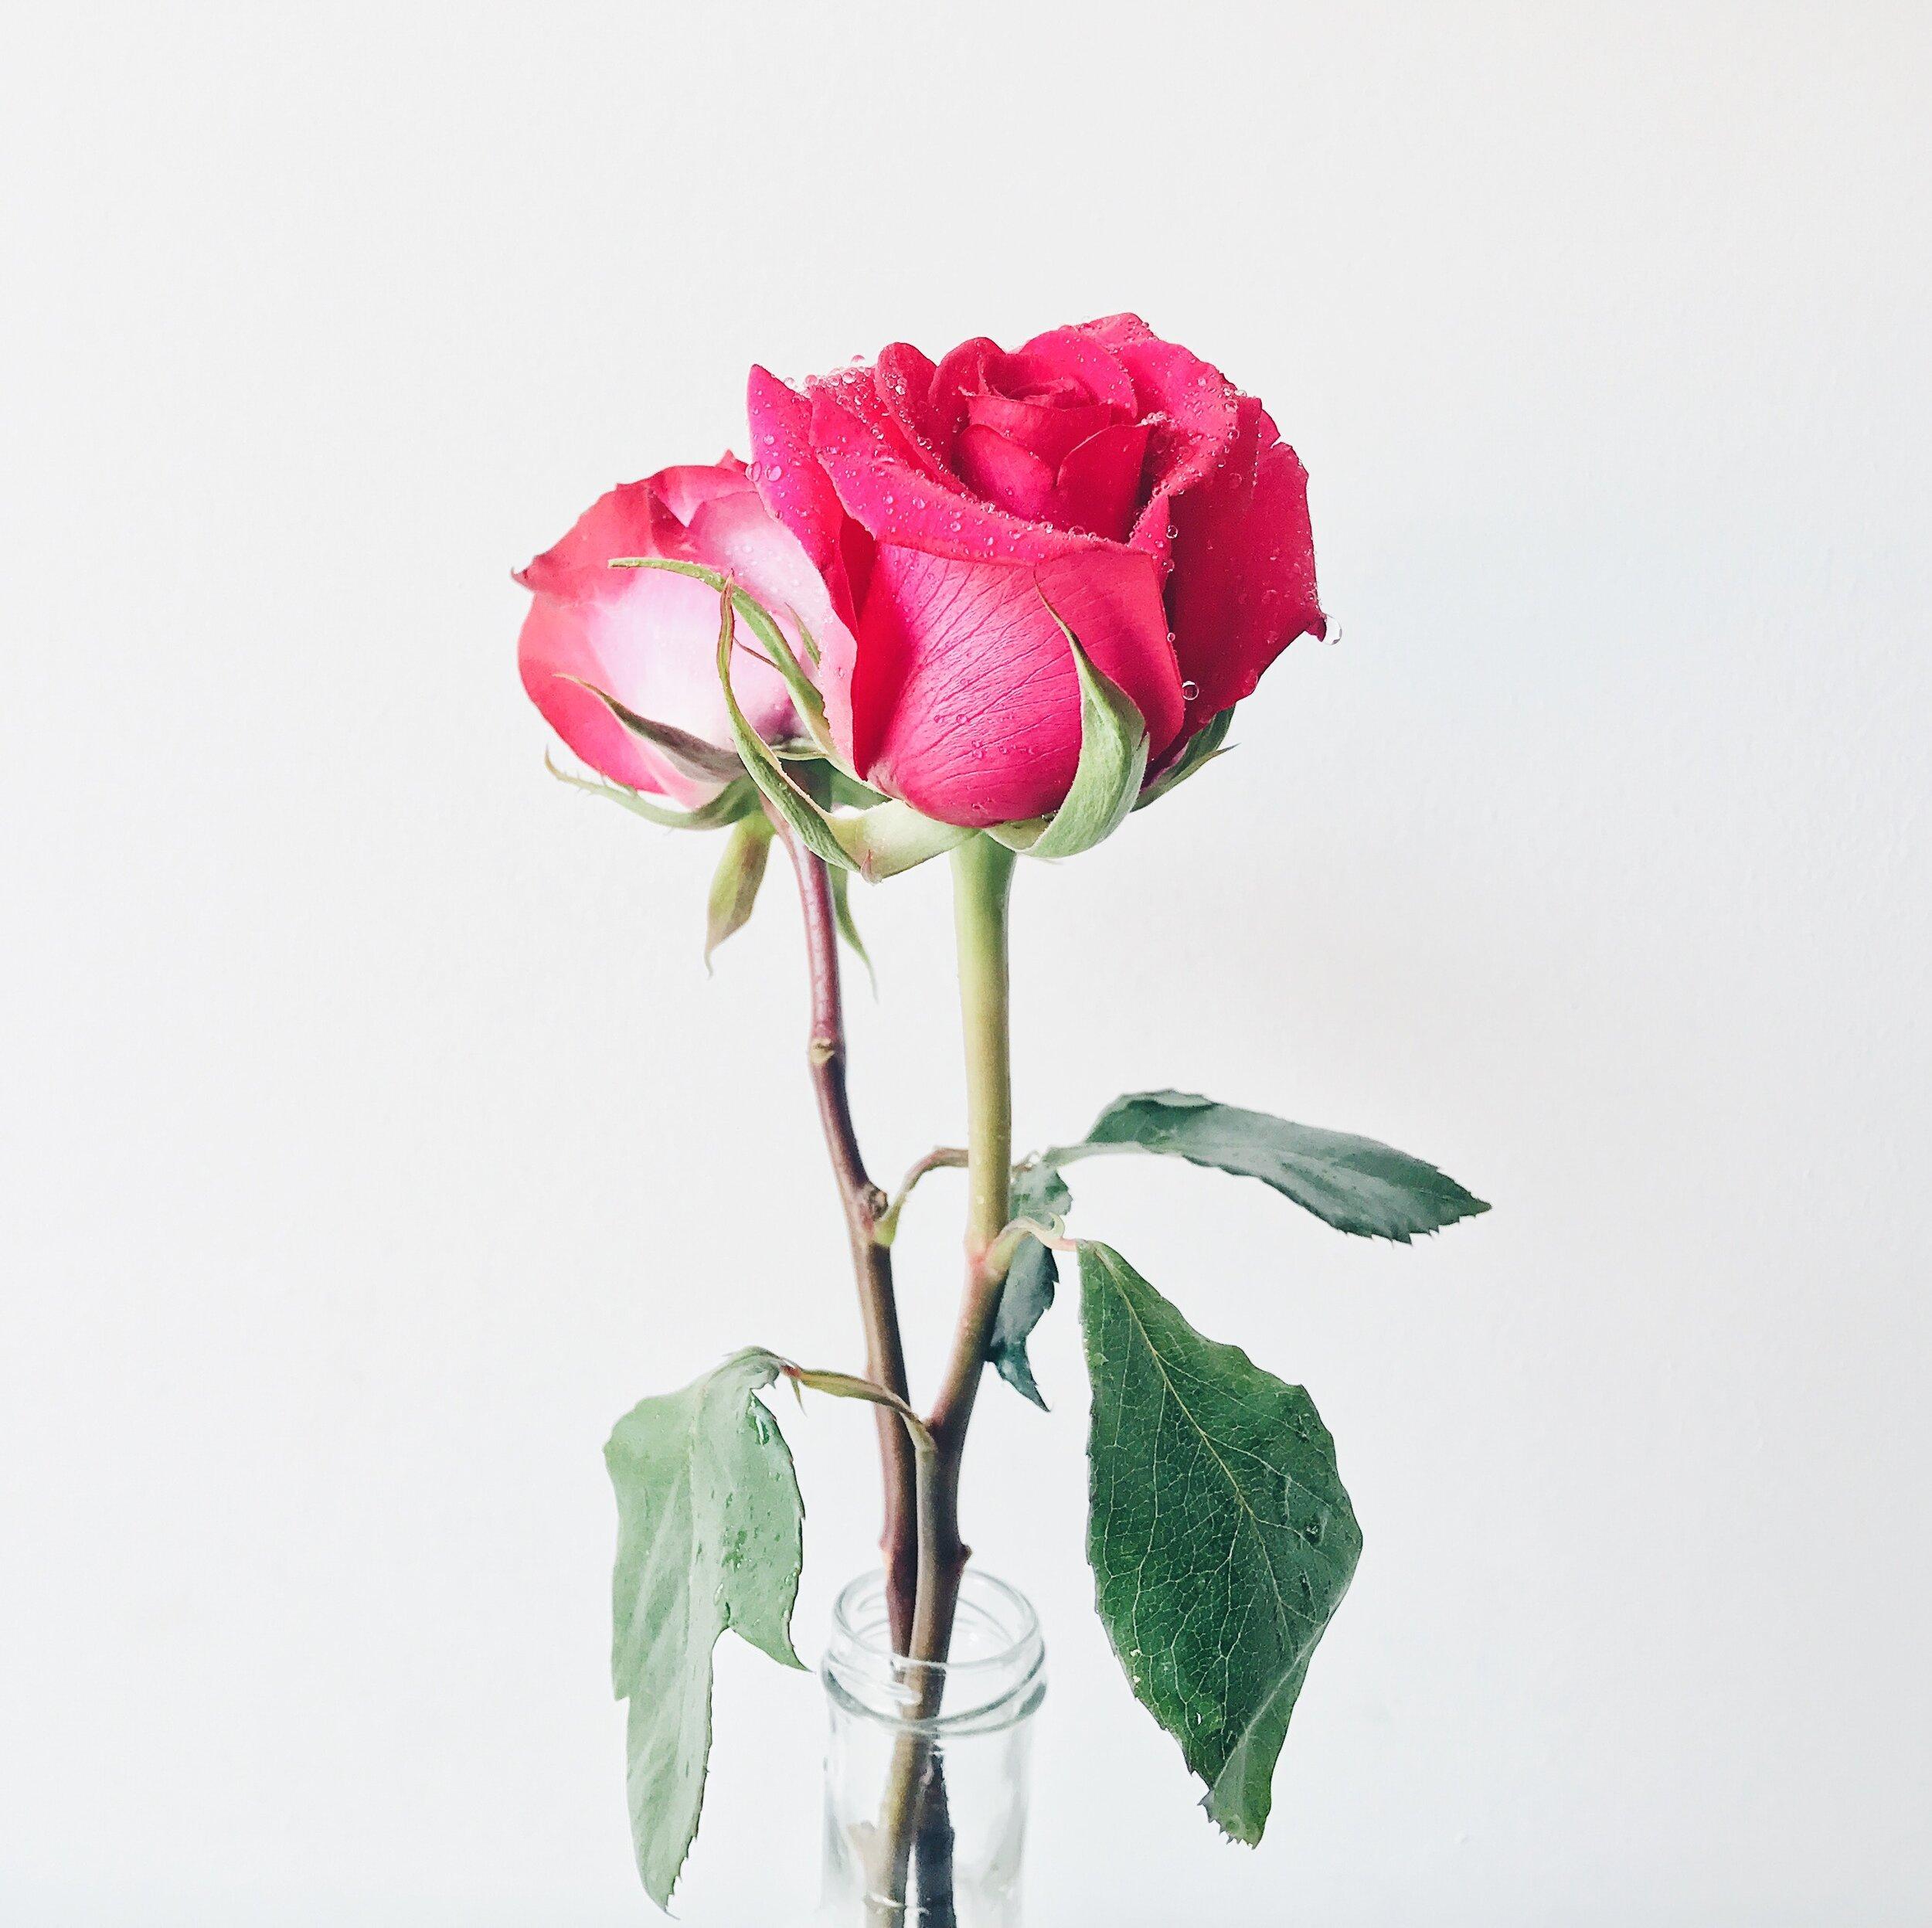 beautiful-bloom-blooming-1517358.jpg